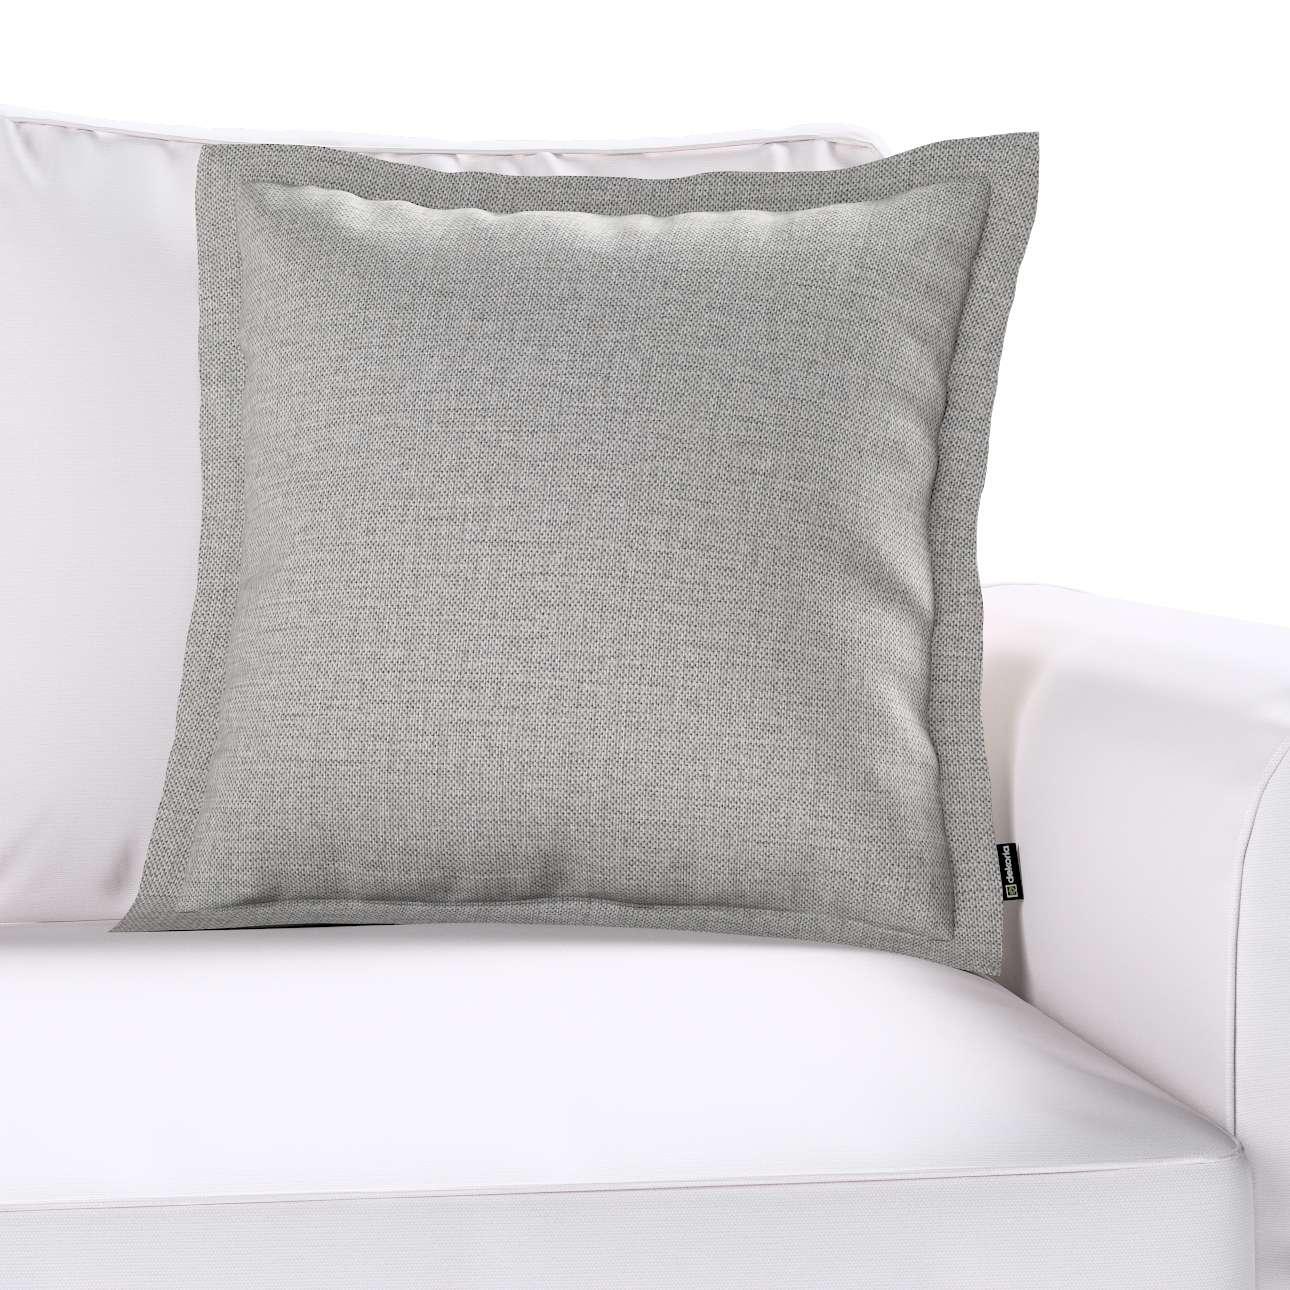 Poszewka Mona na poduszkę w kolekcji Living, tkanina: 160-89